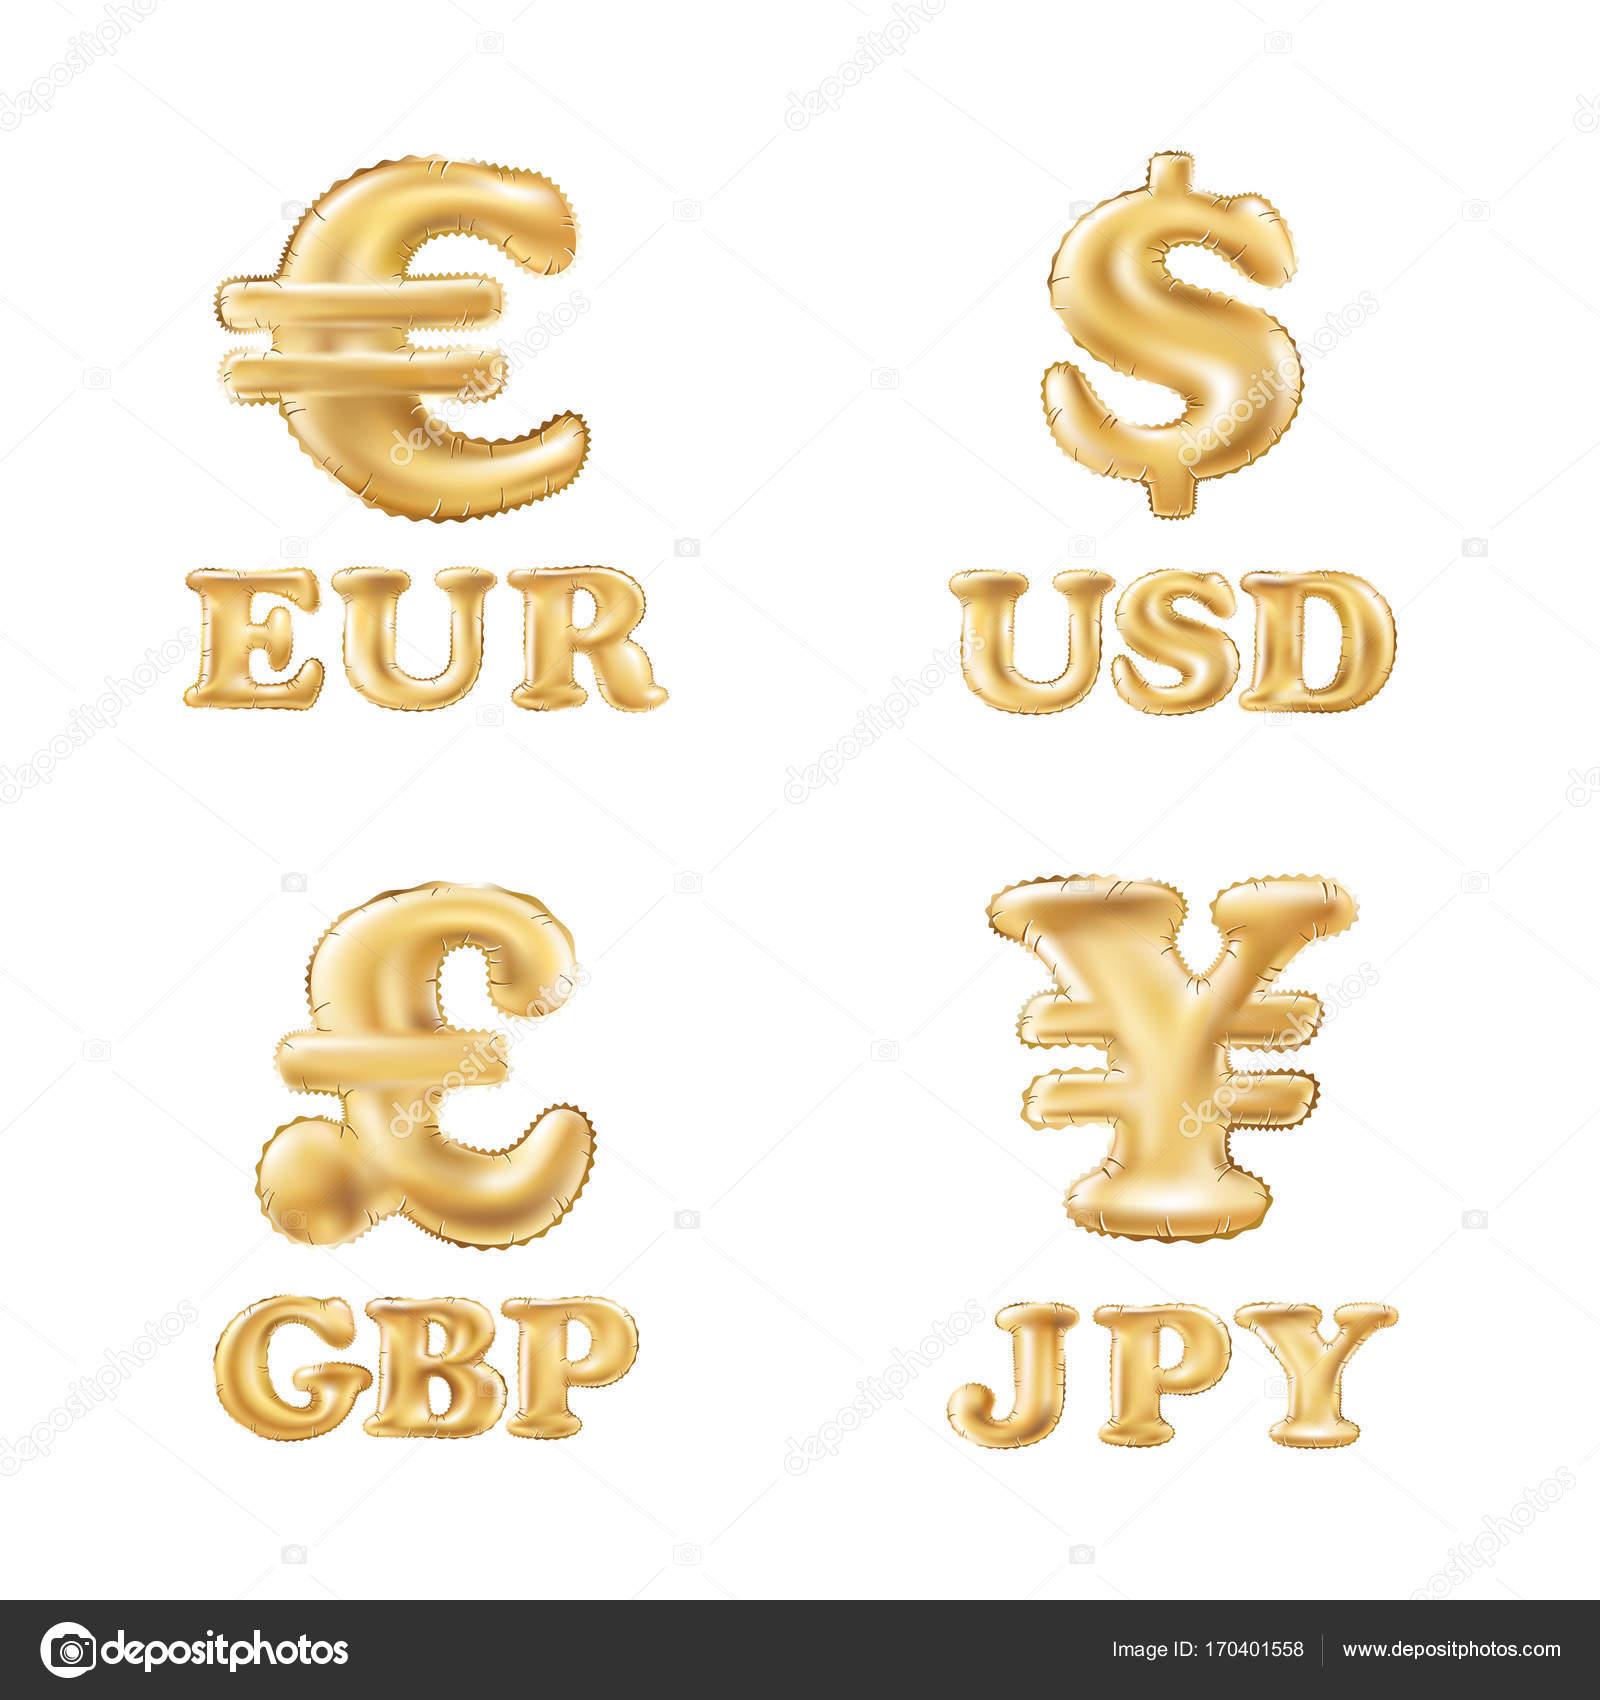 Vecteur Des Icones De Monnaie Dollar Euro Livre Et Yen